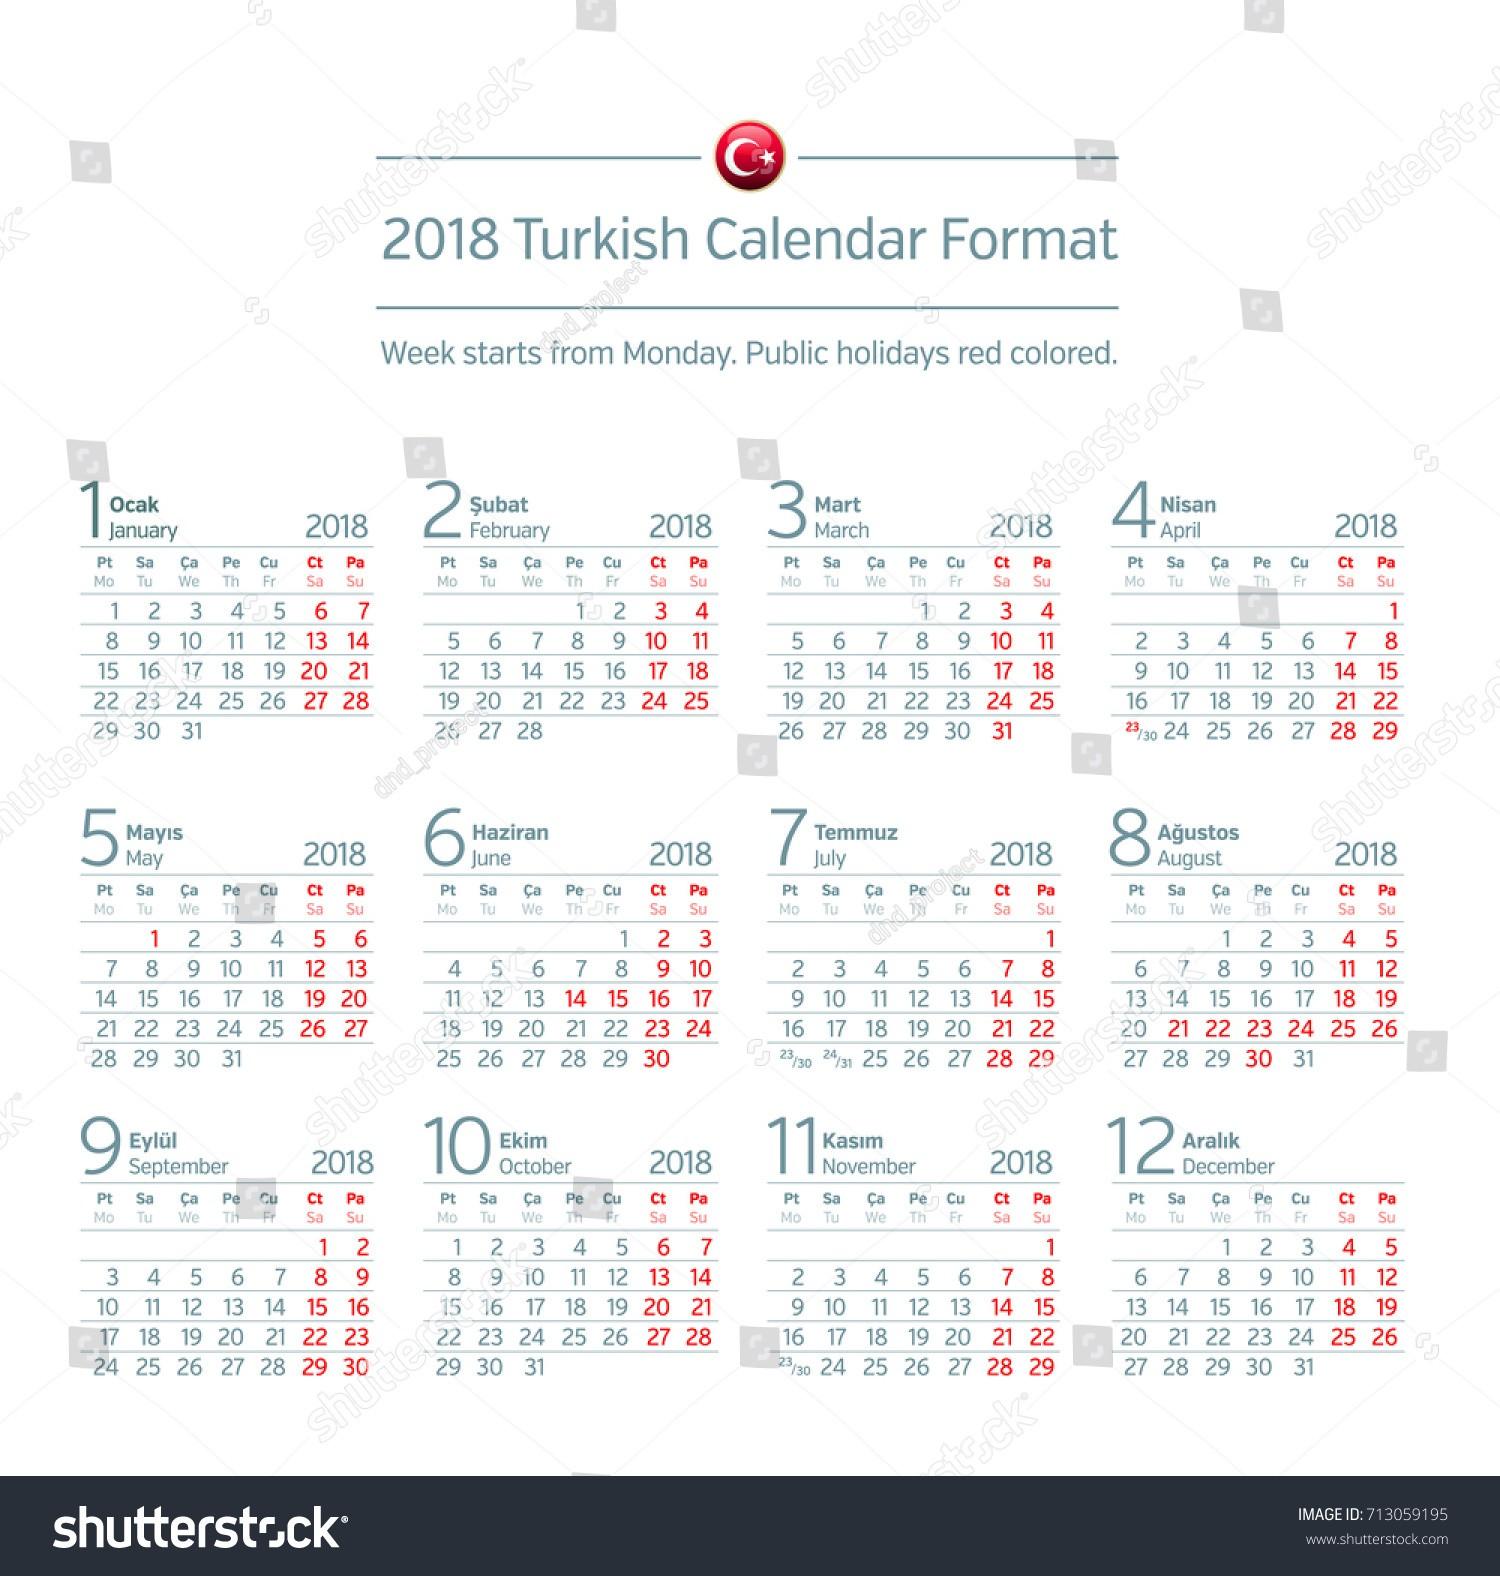 2019 Calendar Philippines Excel Recientes October 2018 Calendar Public Holidays Of 2019 Calendar Philippines Excel Recientes 94 March April 2018 Calendar with Holidays Blank Calendar March